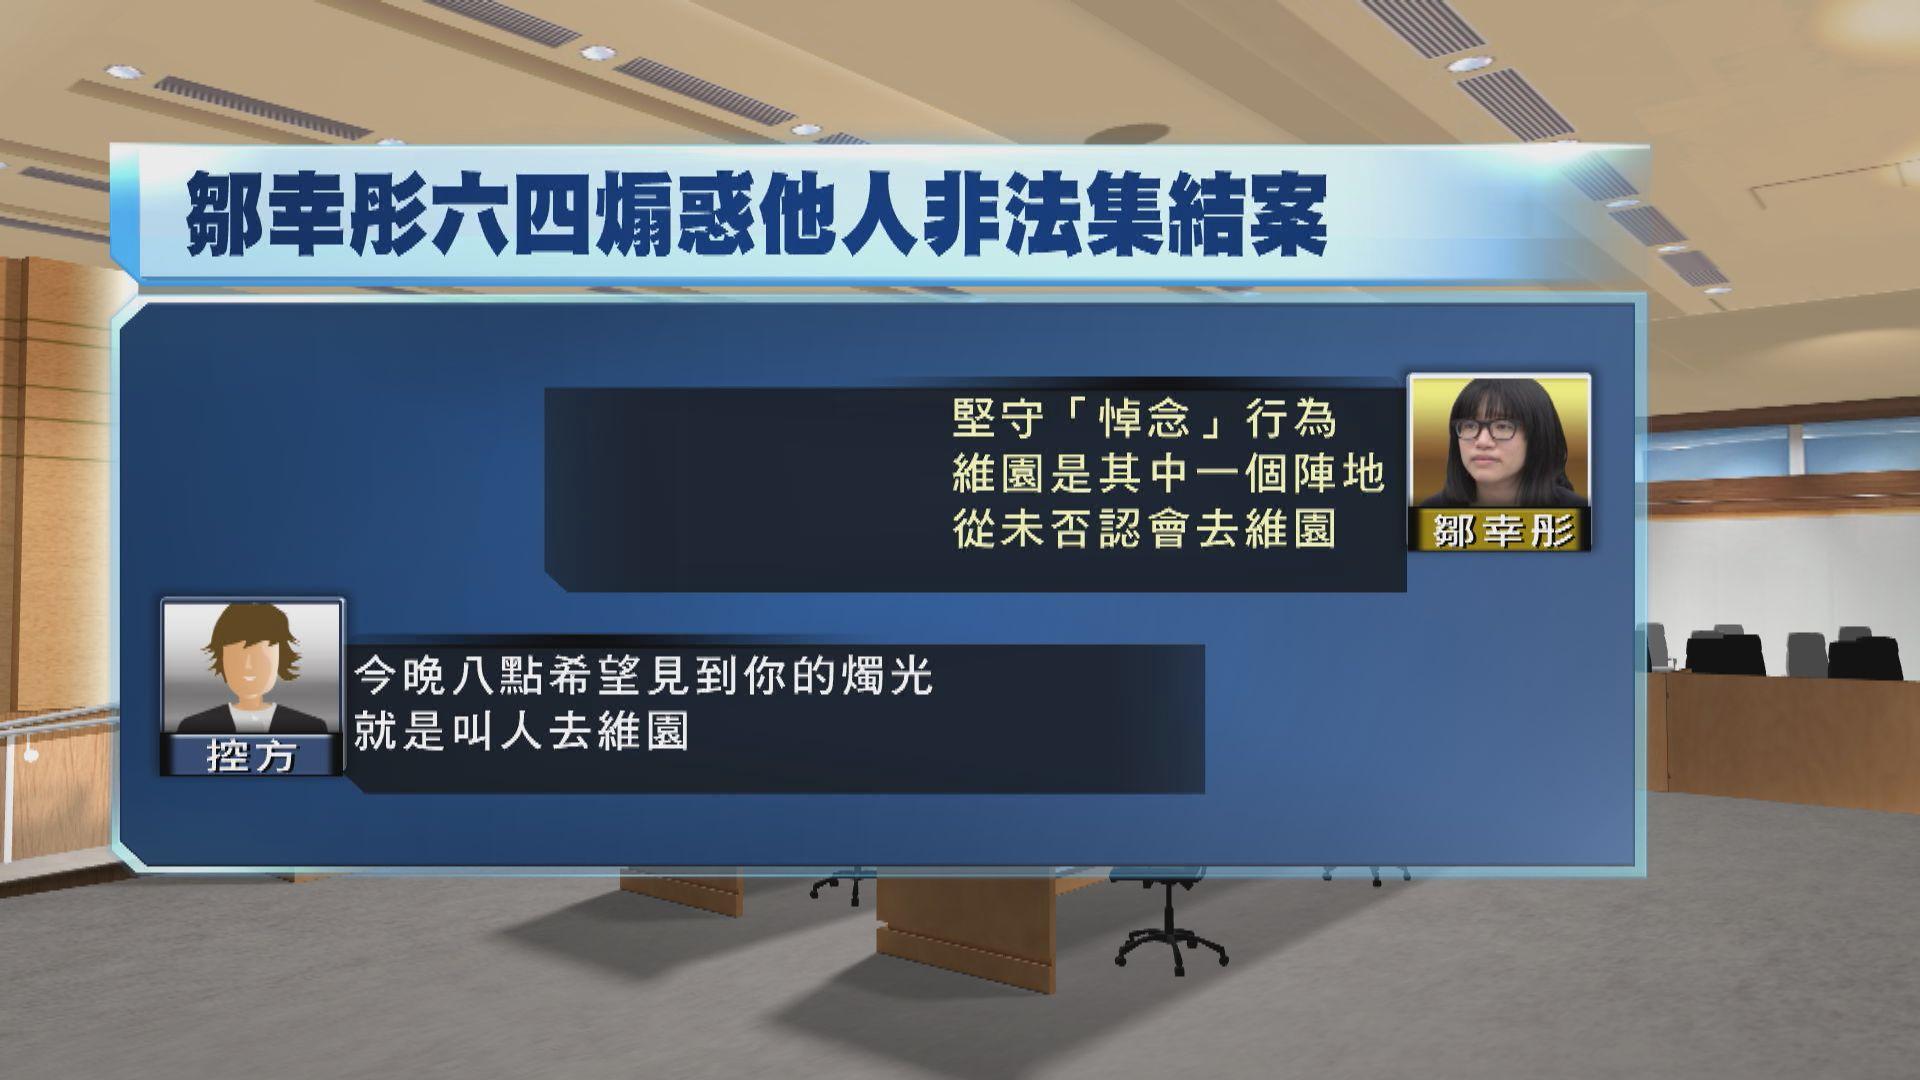 鄒幸彤稱沒有指定地點不構成煽惑集結 控方質疑「堅守陣地」即六四維園集會